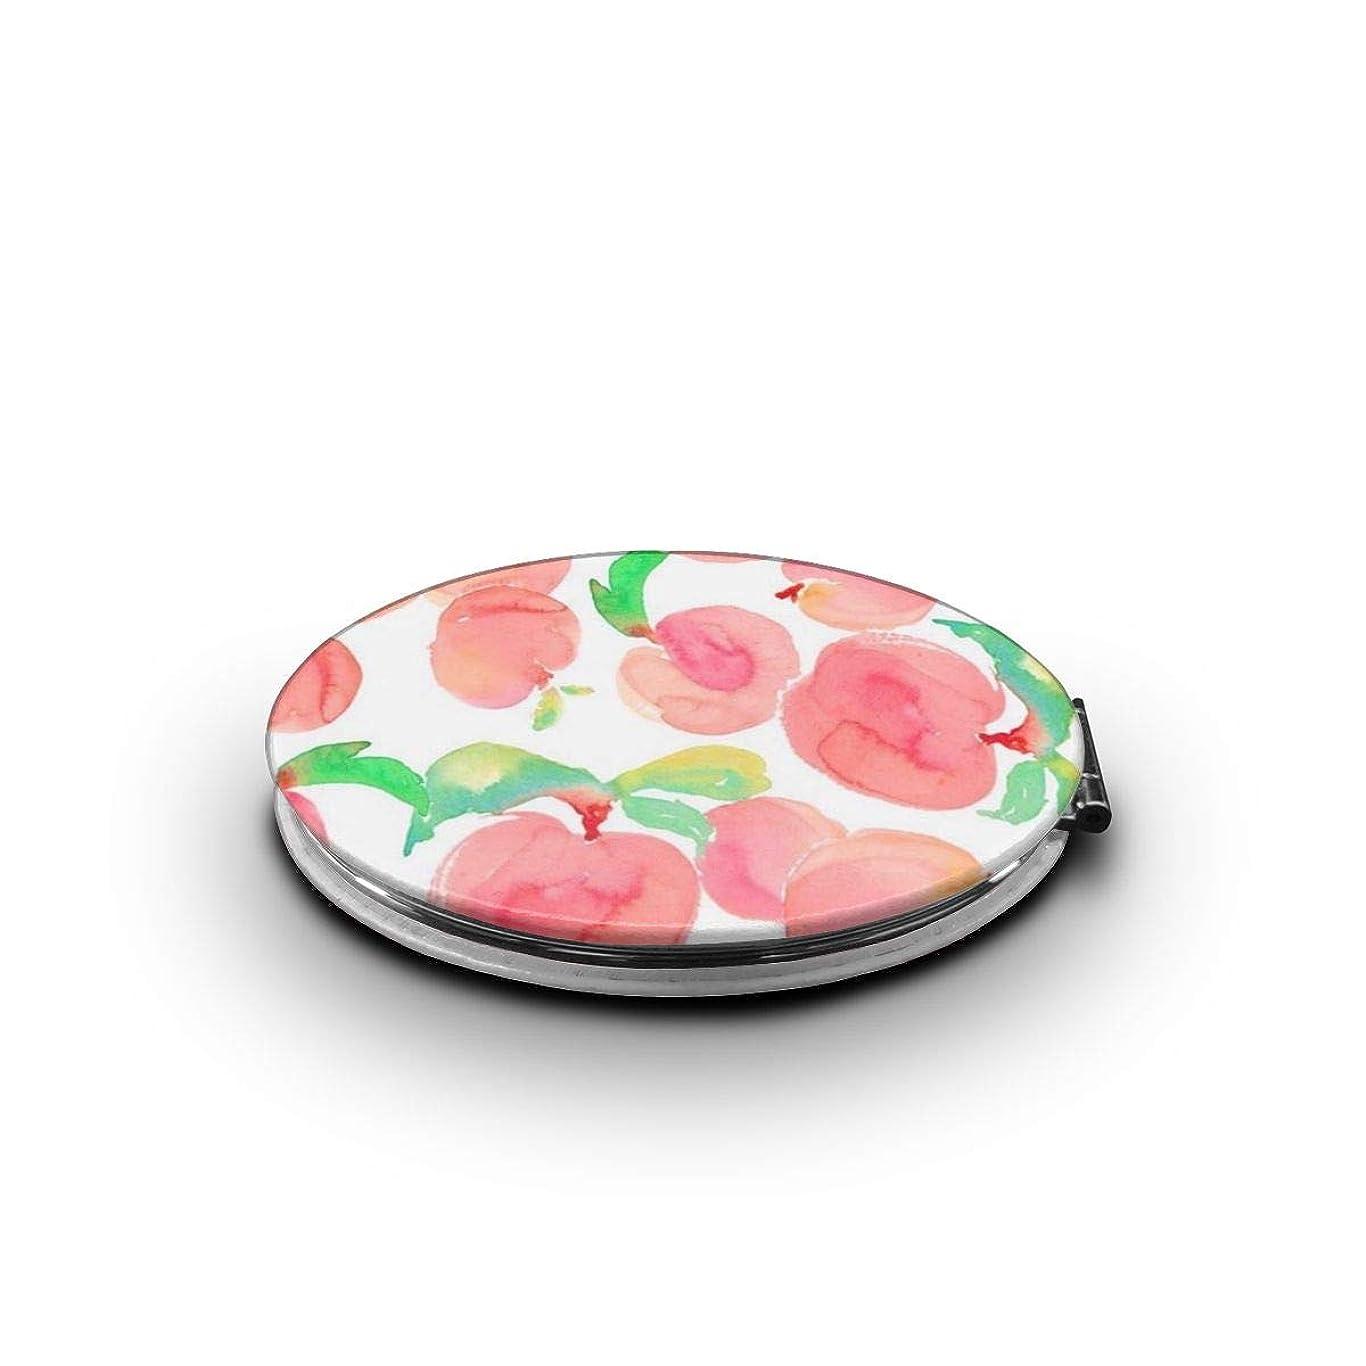 列挙する大破食堂化粧鏡 ピンクのもも 折りたたみ 自由 角度調整 180° 回転 女優ミラー 携帯用ミラー コンパクトコンパクト ミラー